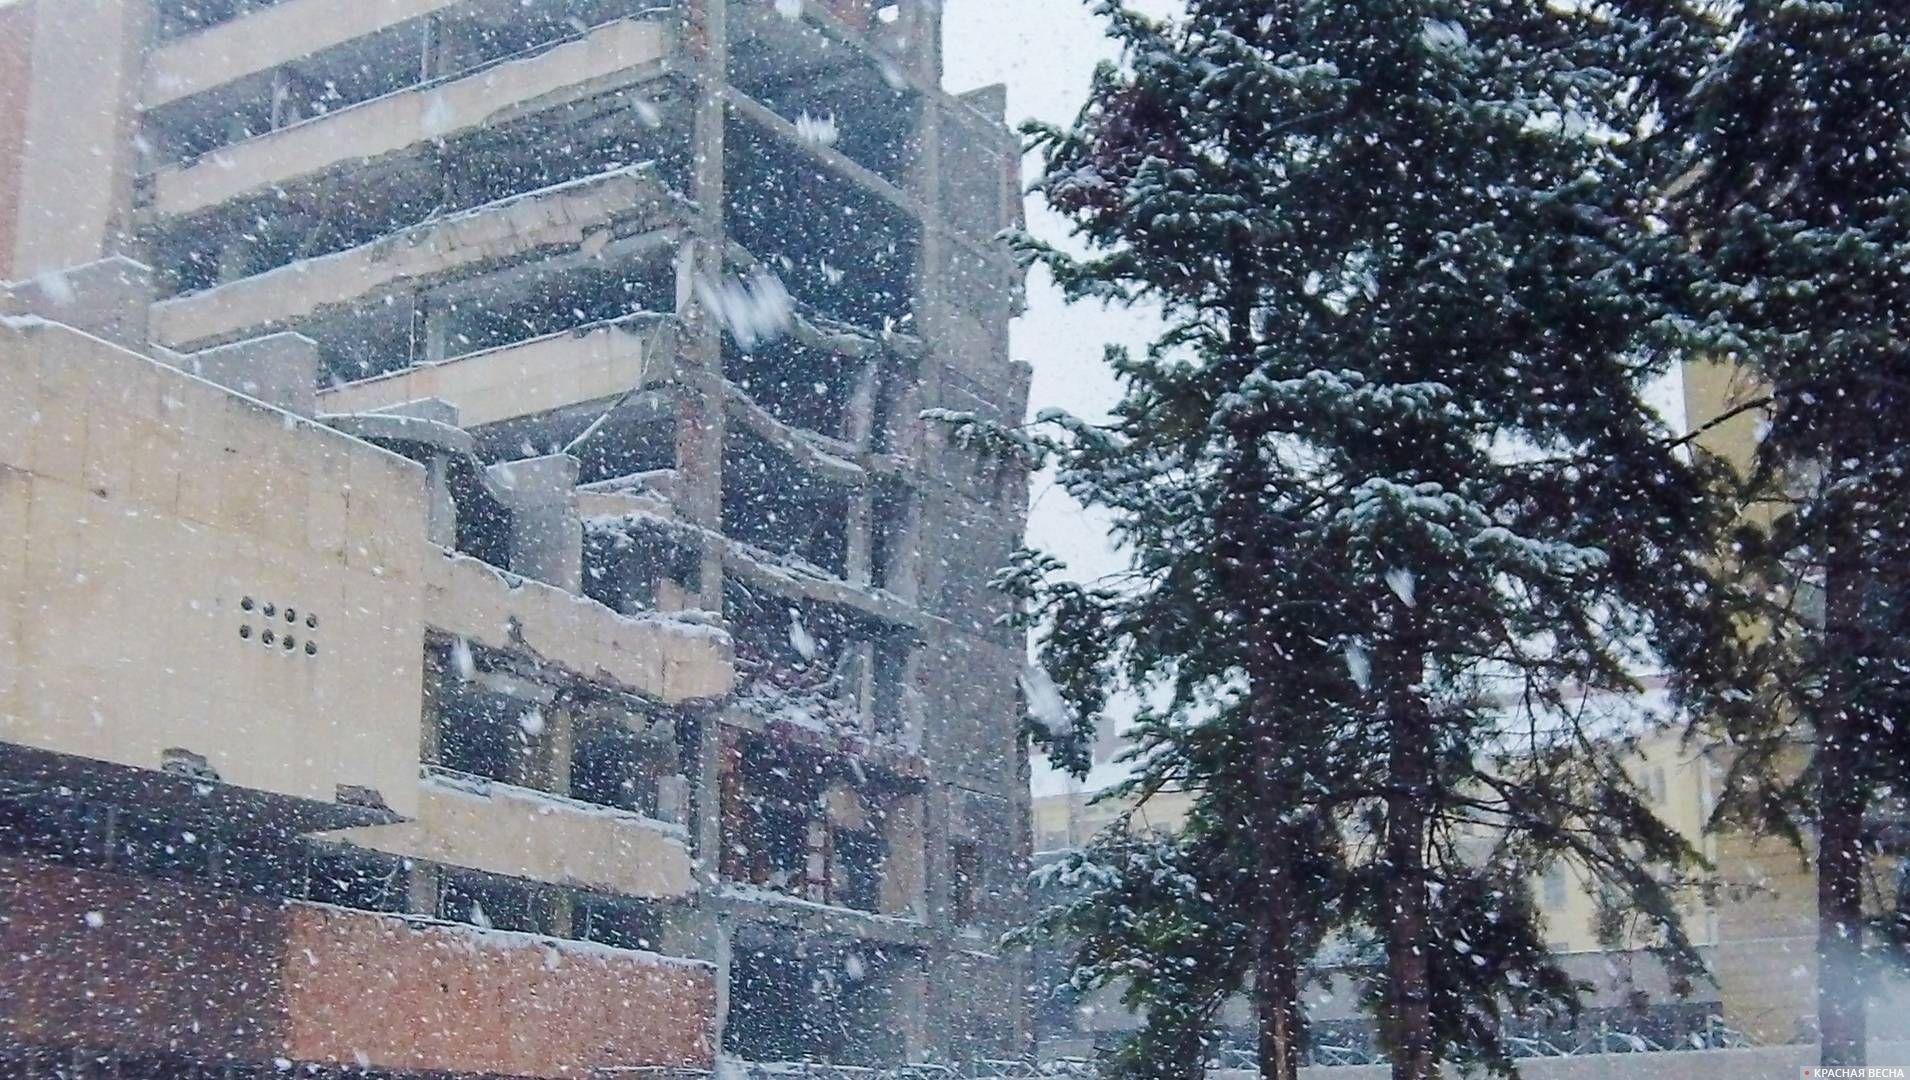 Разрушенный Главный штаб Вооруженных сил Сербии, Мемориал бомбардировкам НАТО, Белград, Сербия